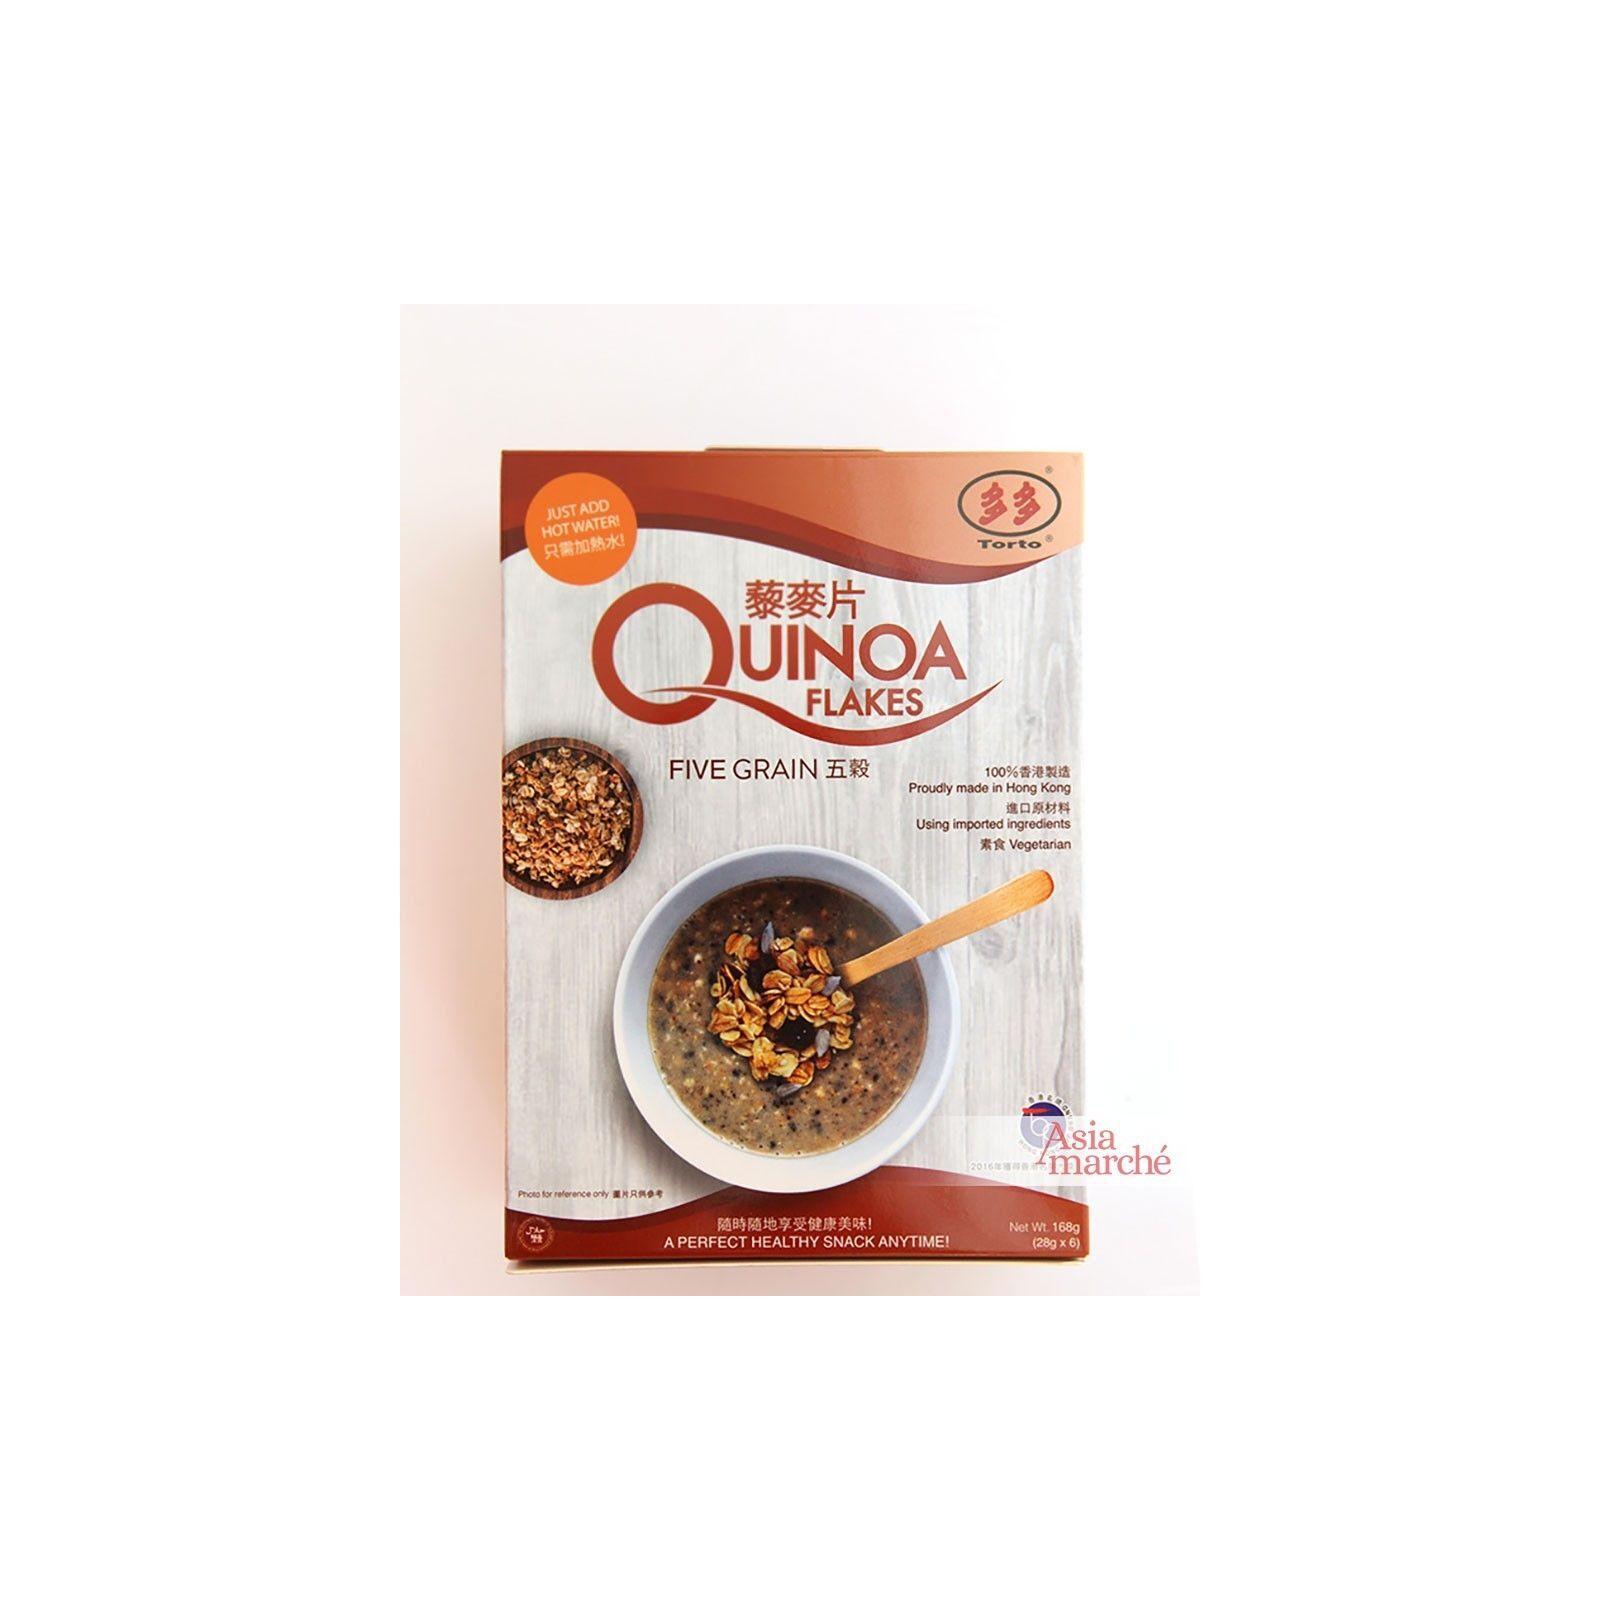 Asia Marché Porridge de Quinoa et céréales 168g